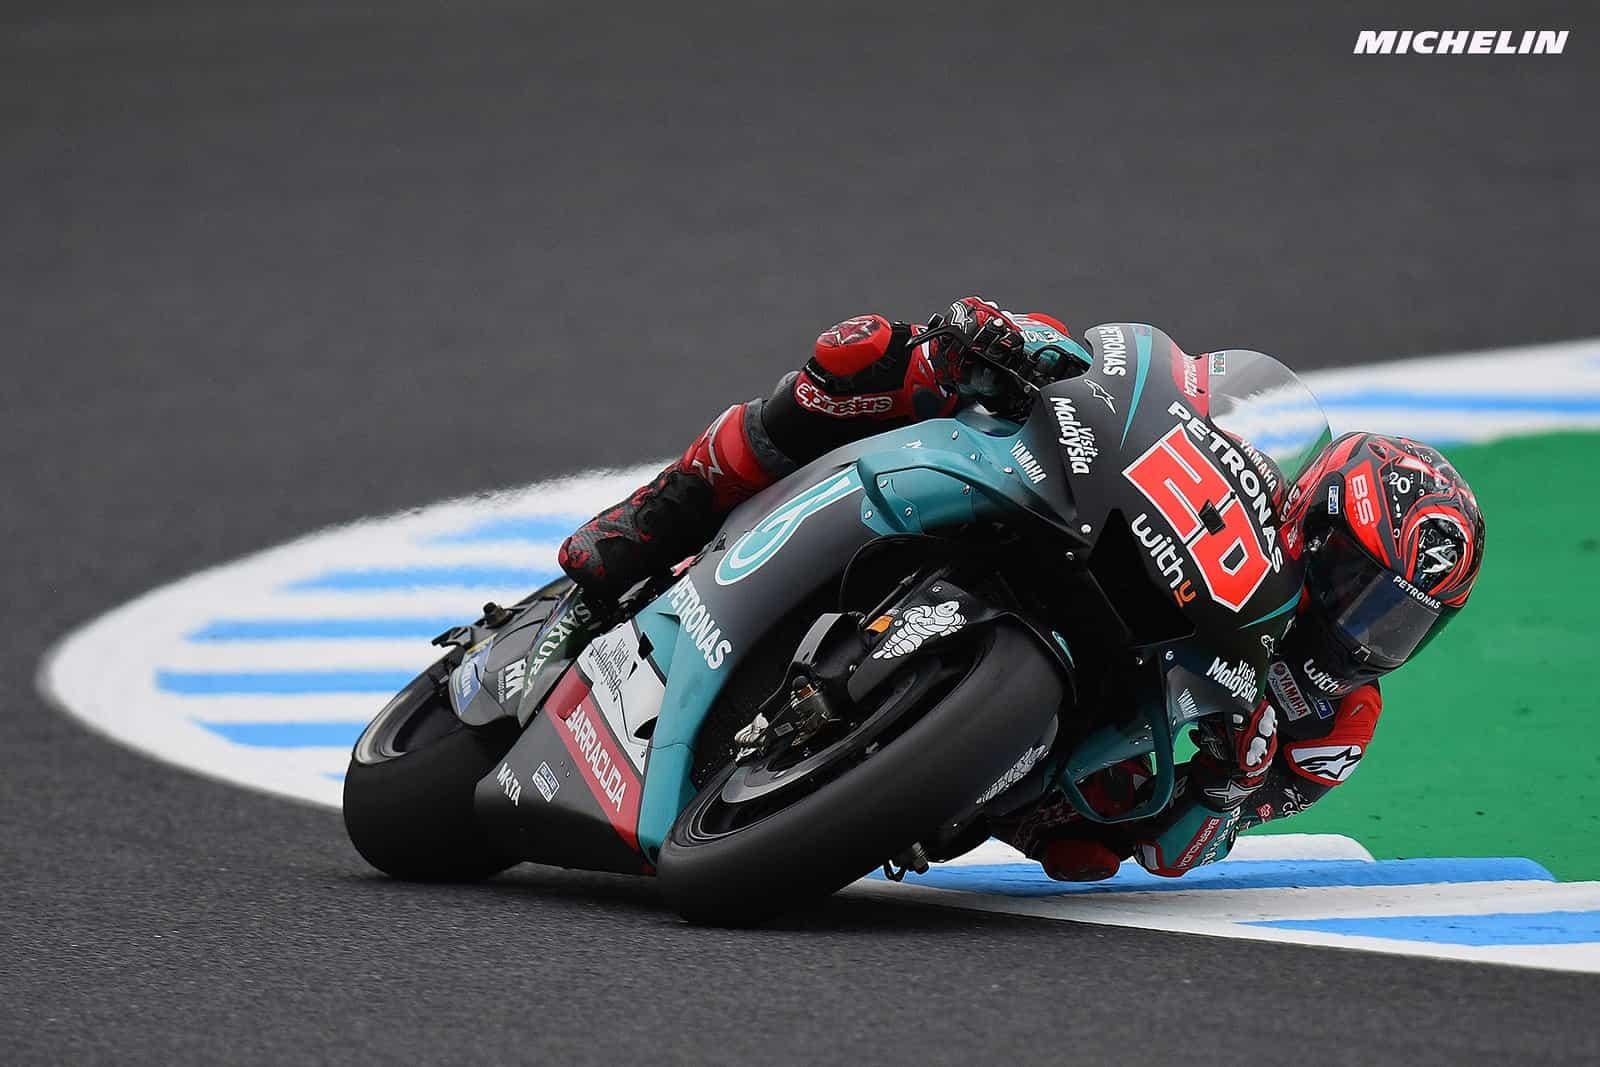 MotoGP2019オーストラリアGP クアルタラロ「自分達の作業に集中していくことが重要」